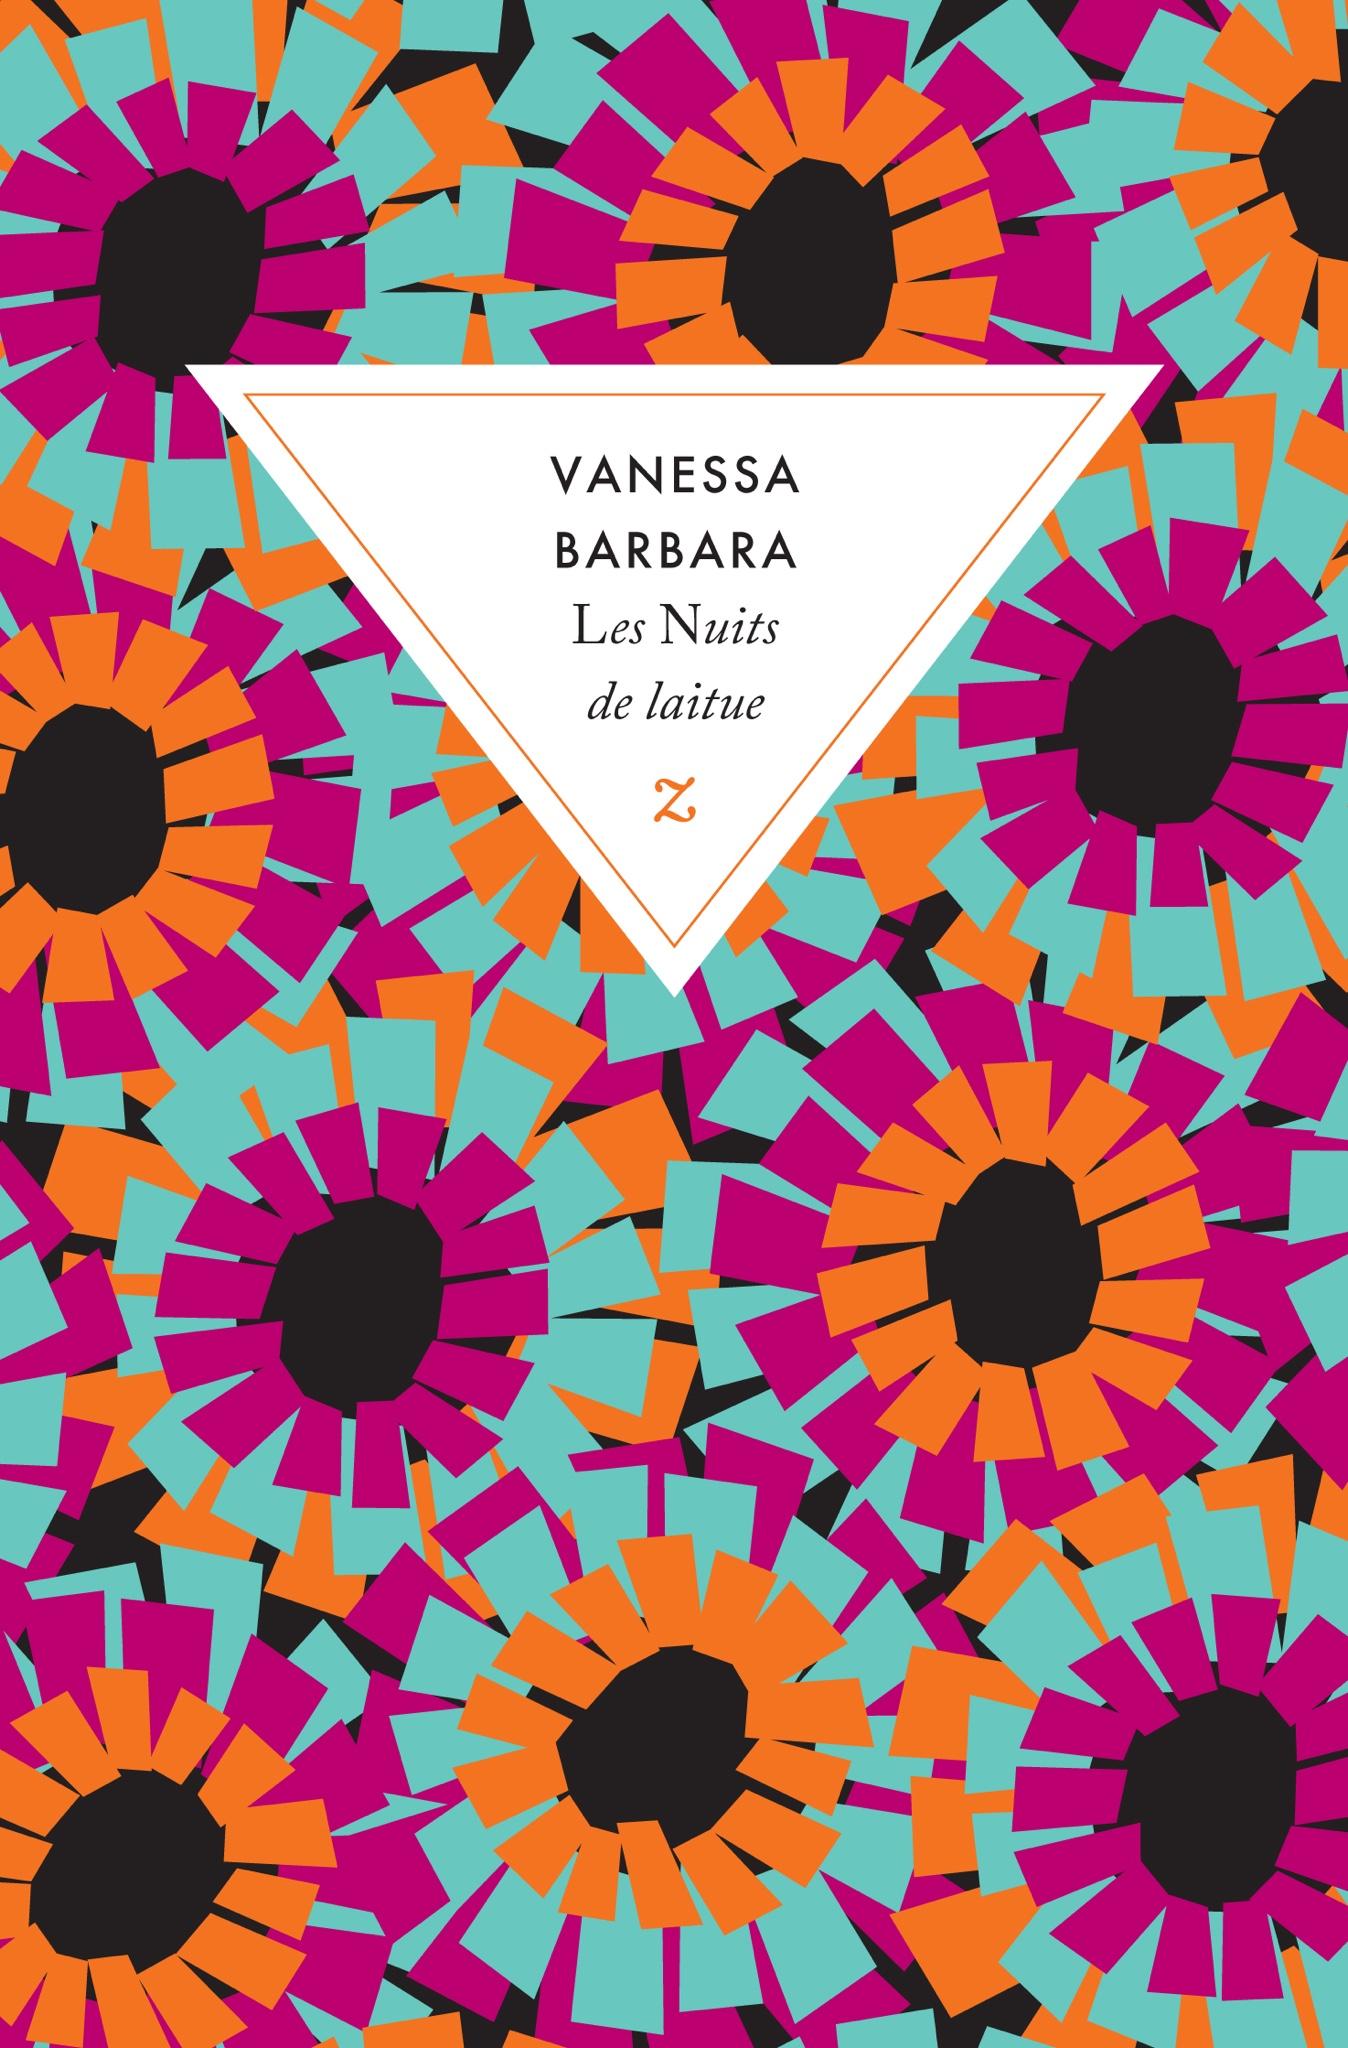 Vanessa Barbara : Les nuits de laitue